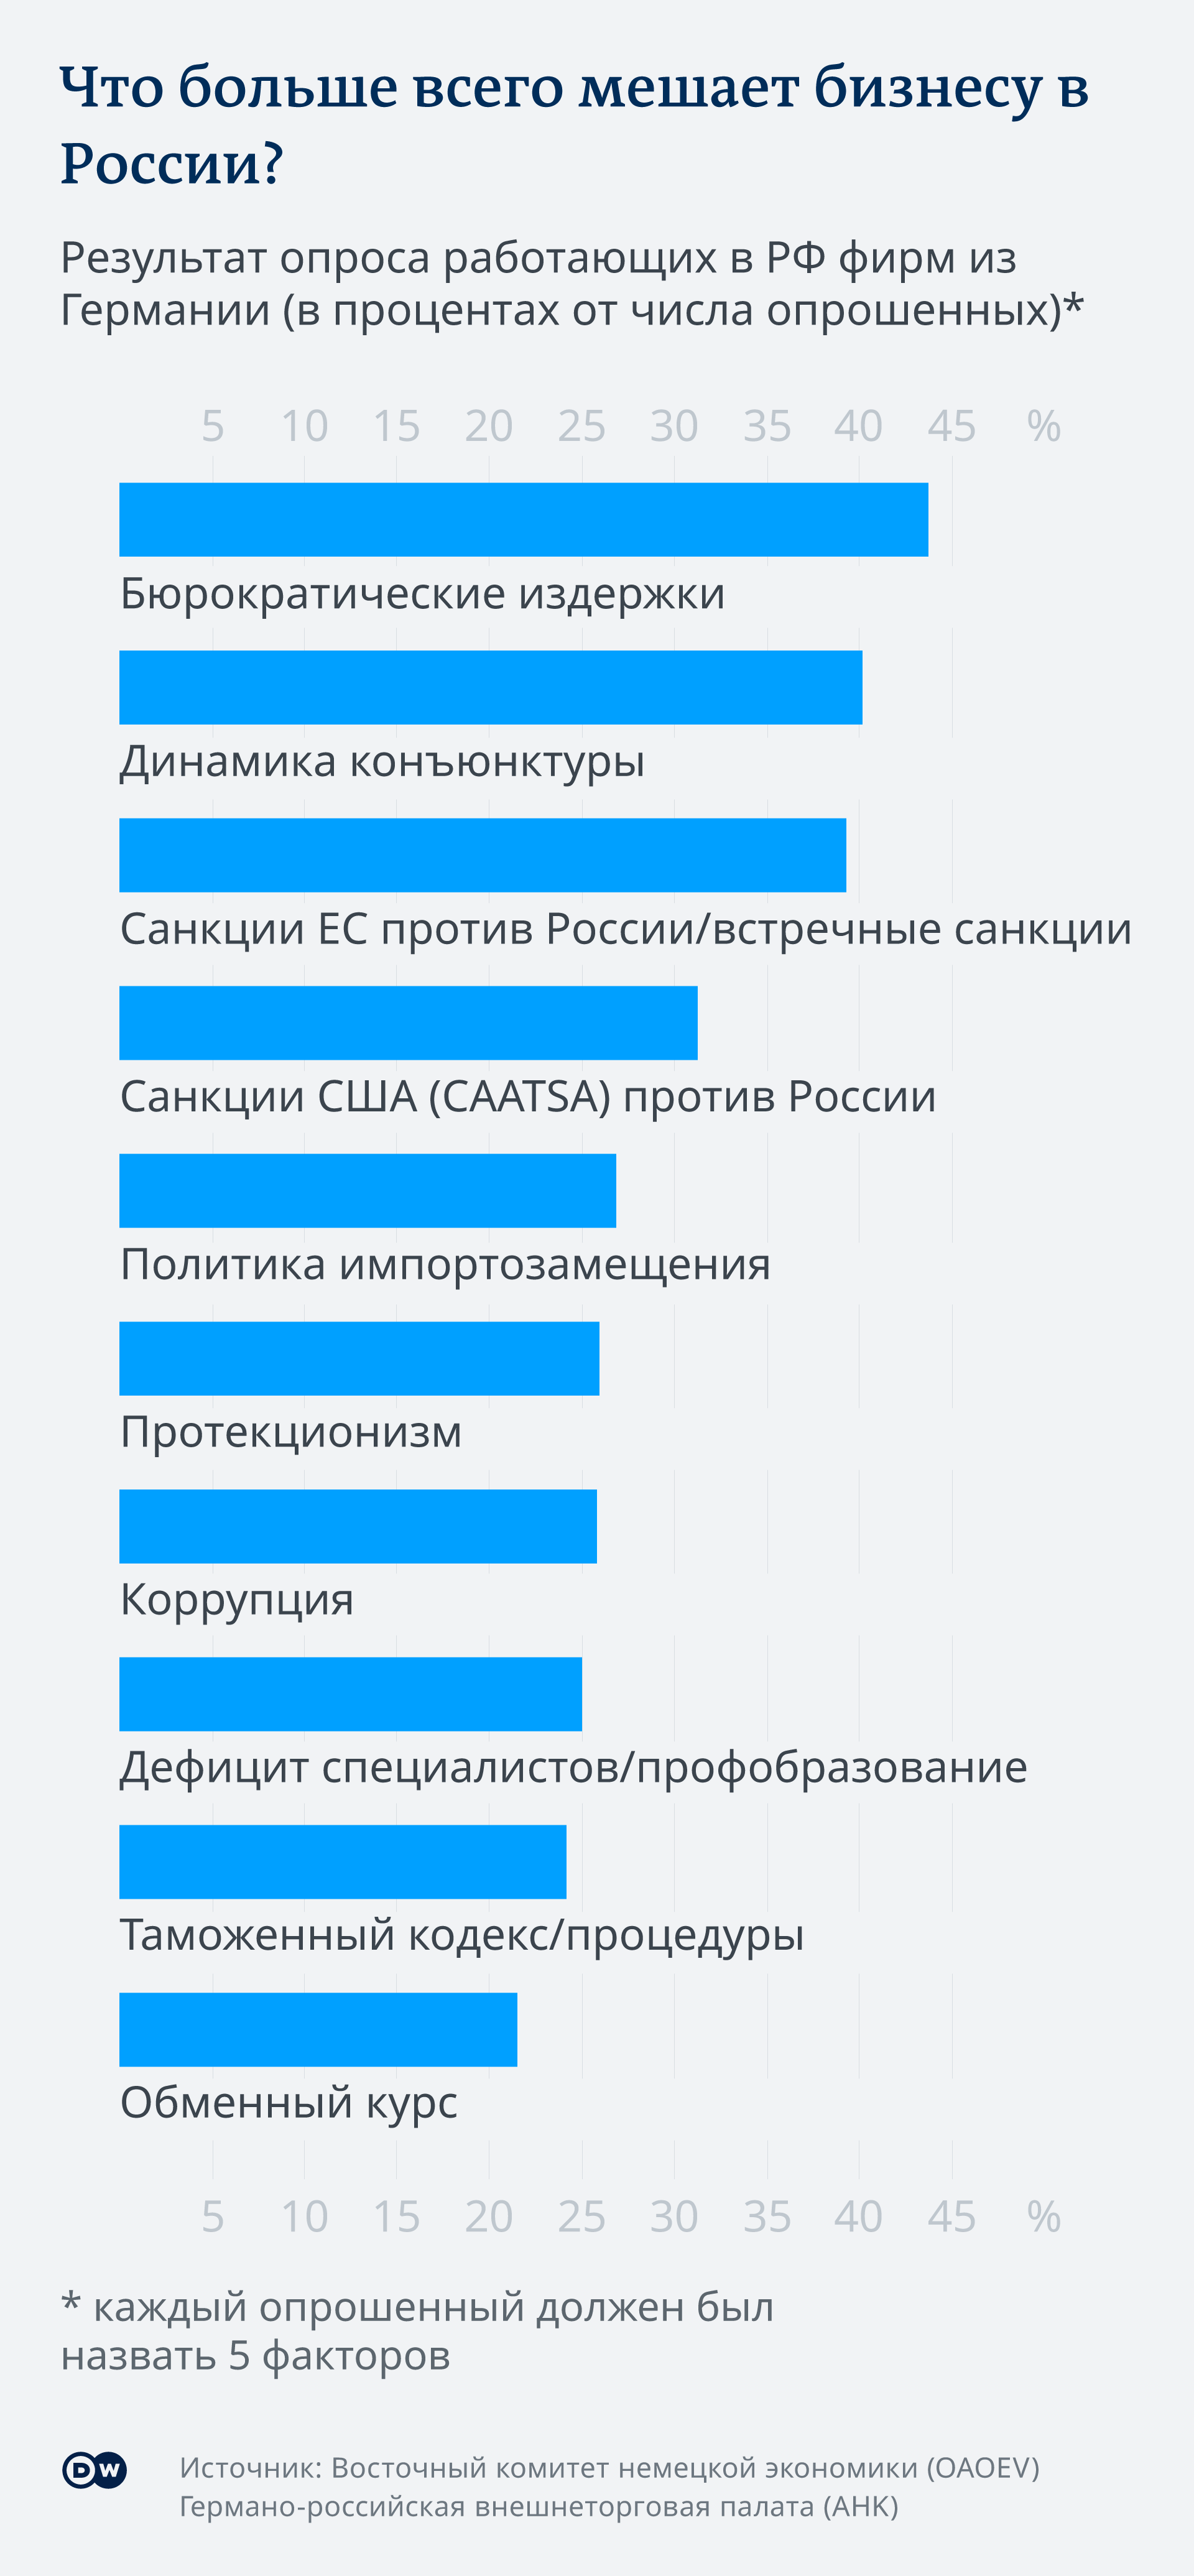 Инфографика Что больше всего мешает бизнесу в России?